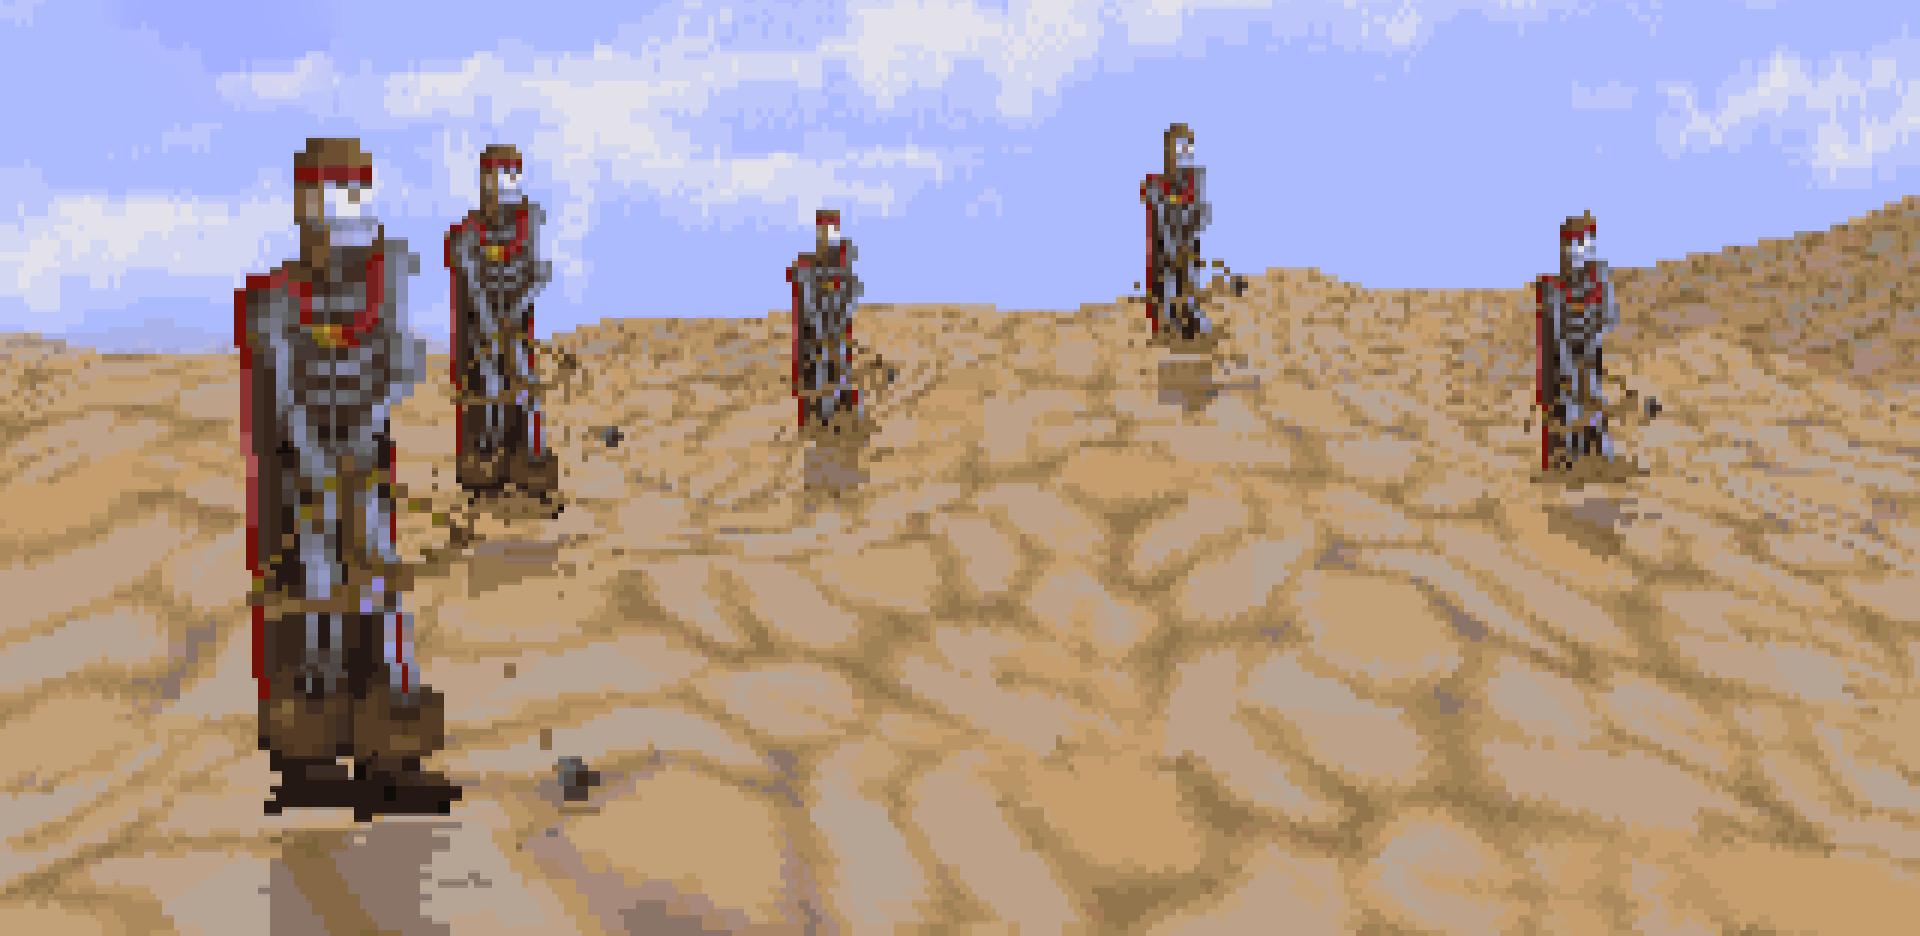 Magic Carpet's desert skeletons, looking ominous.